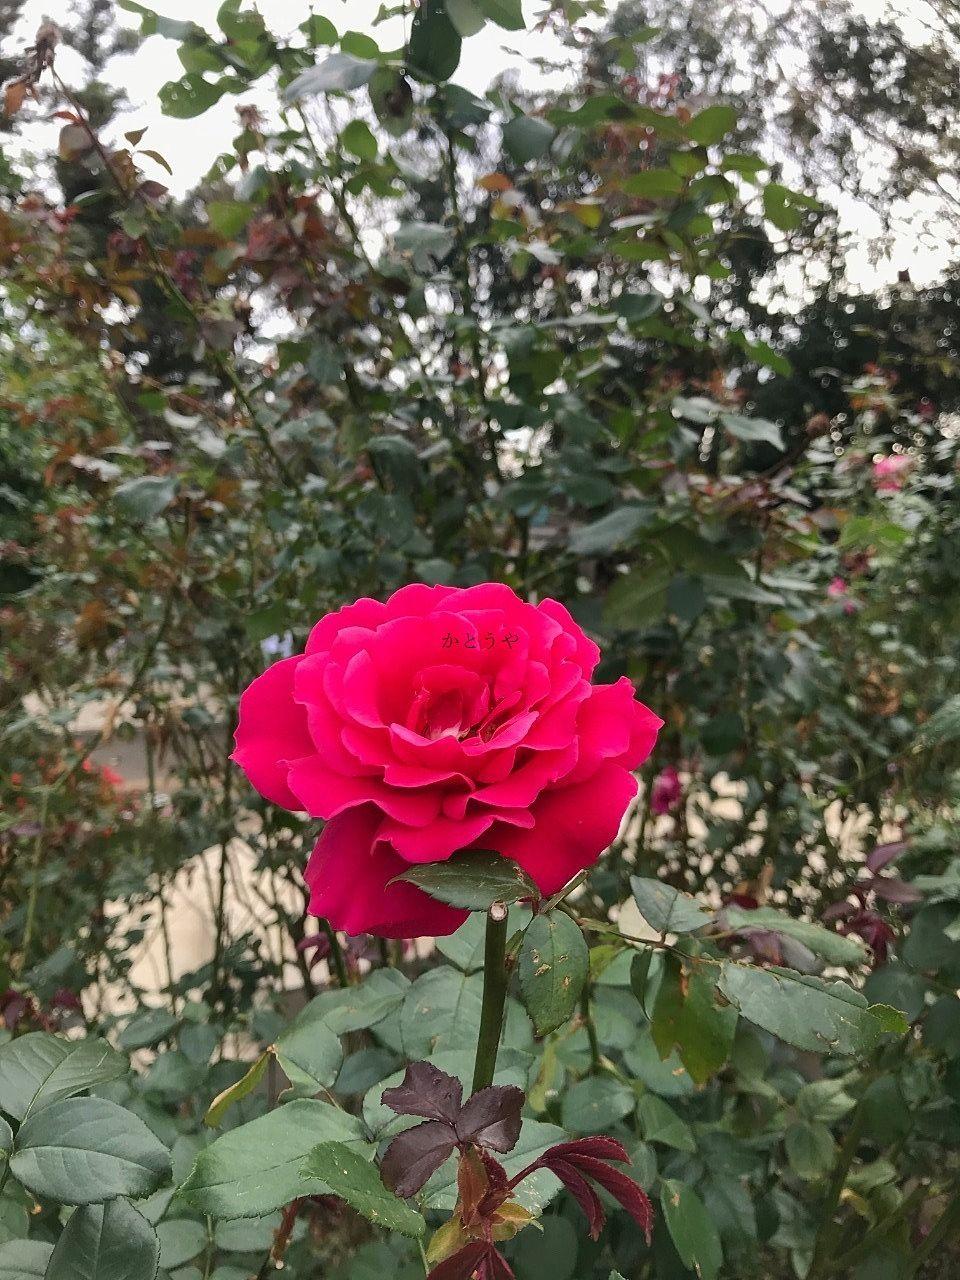 船橋市にある京成バラ園にあるマリー・アントワネットという品種のバラ